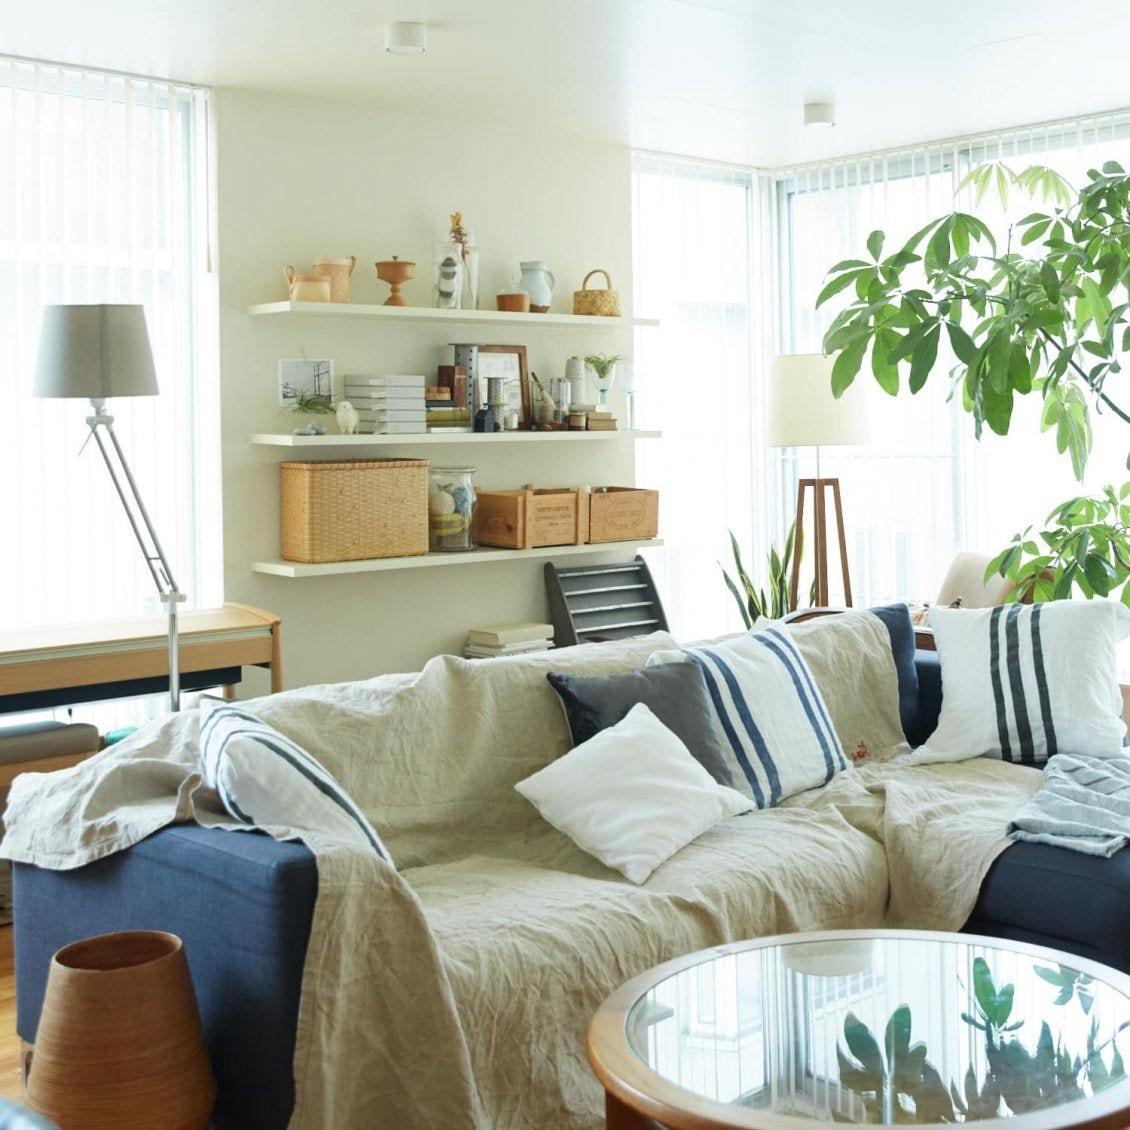 【飾り棚で、理想の我が家】ポイントはこの3つ!スタイリストに教わる、おしゃれな飾り方アイデア